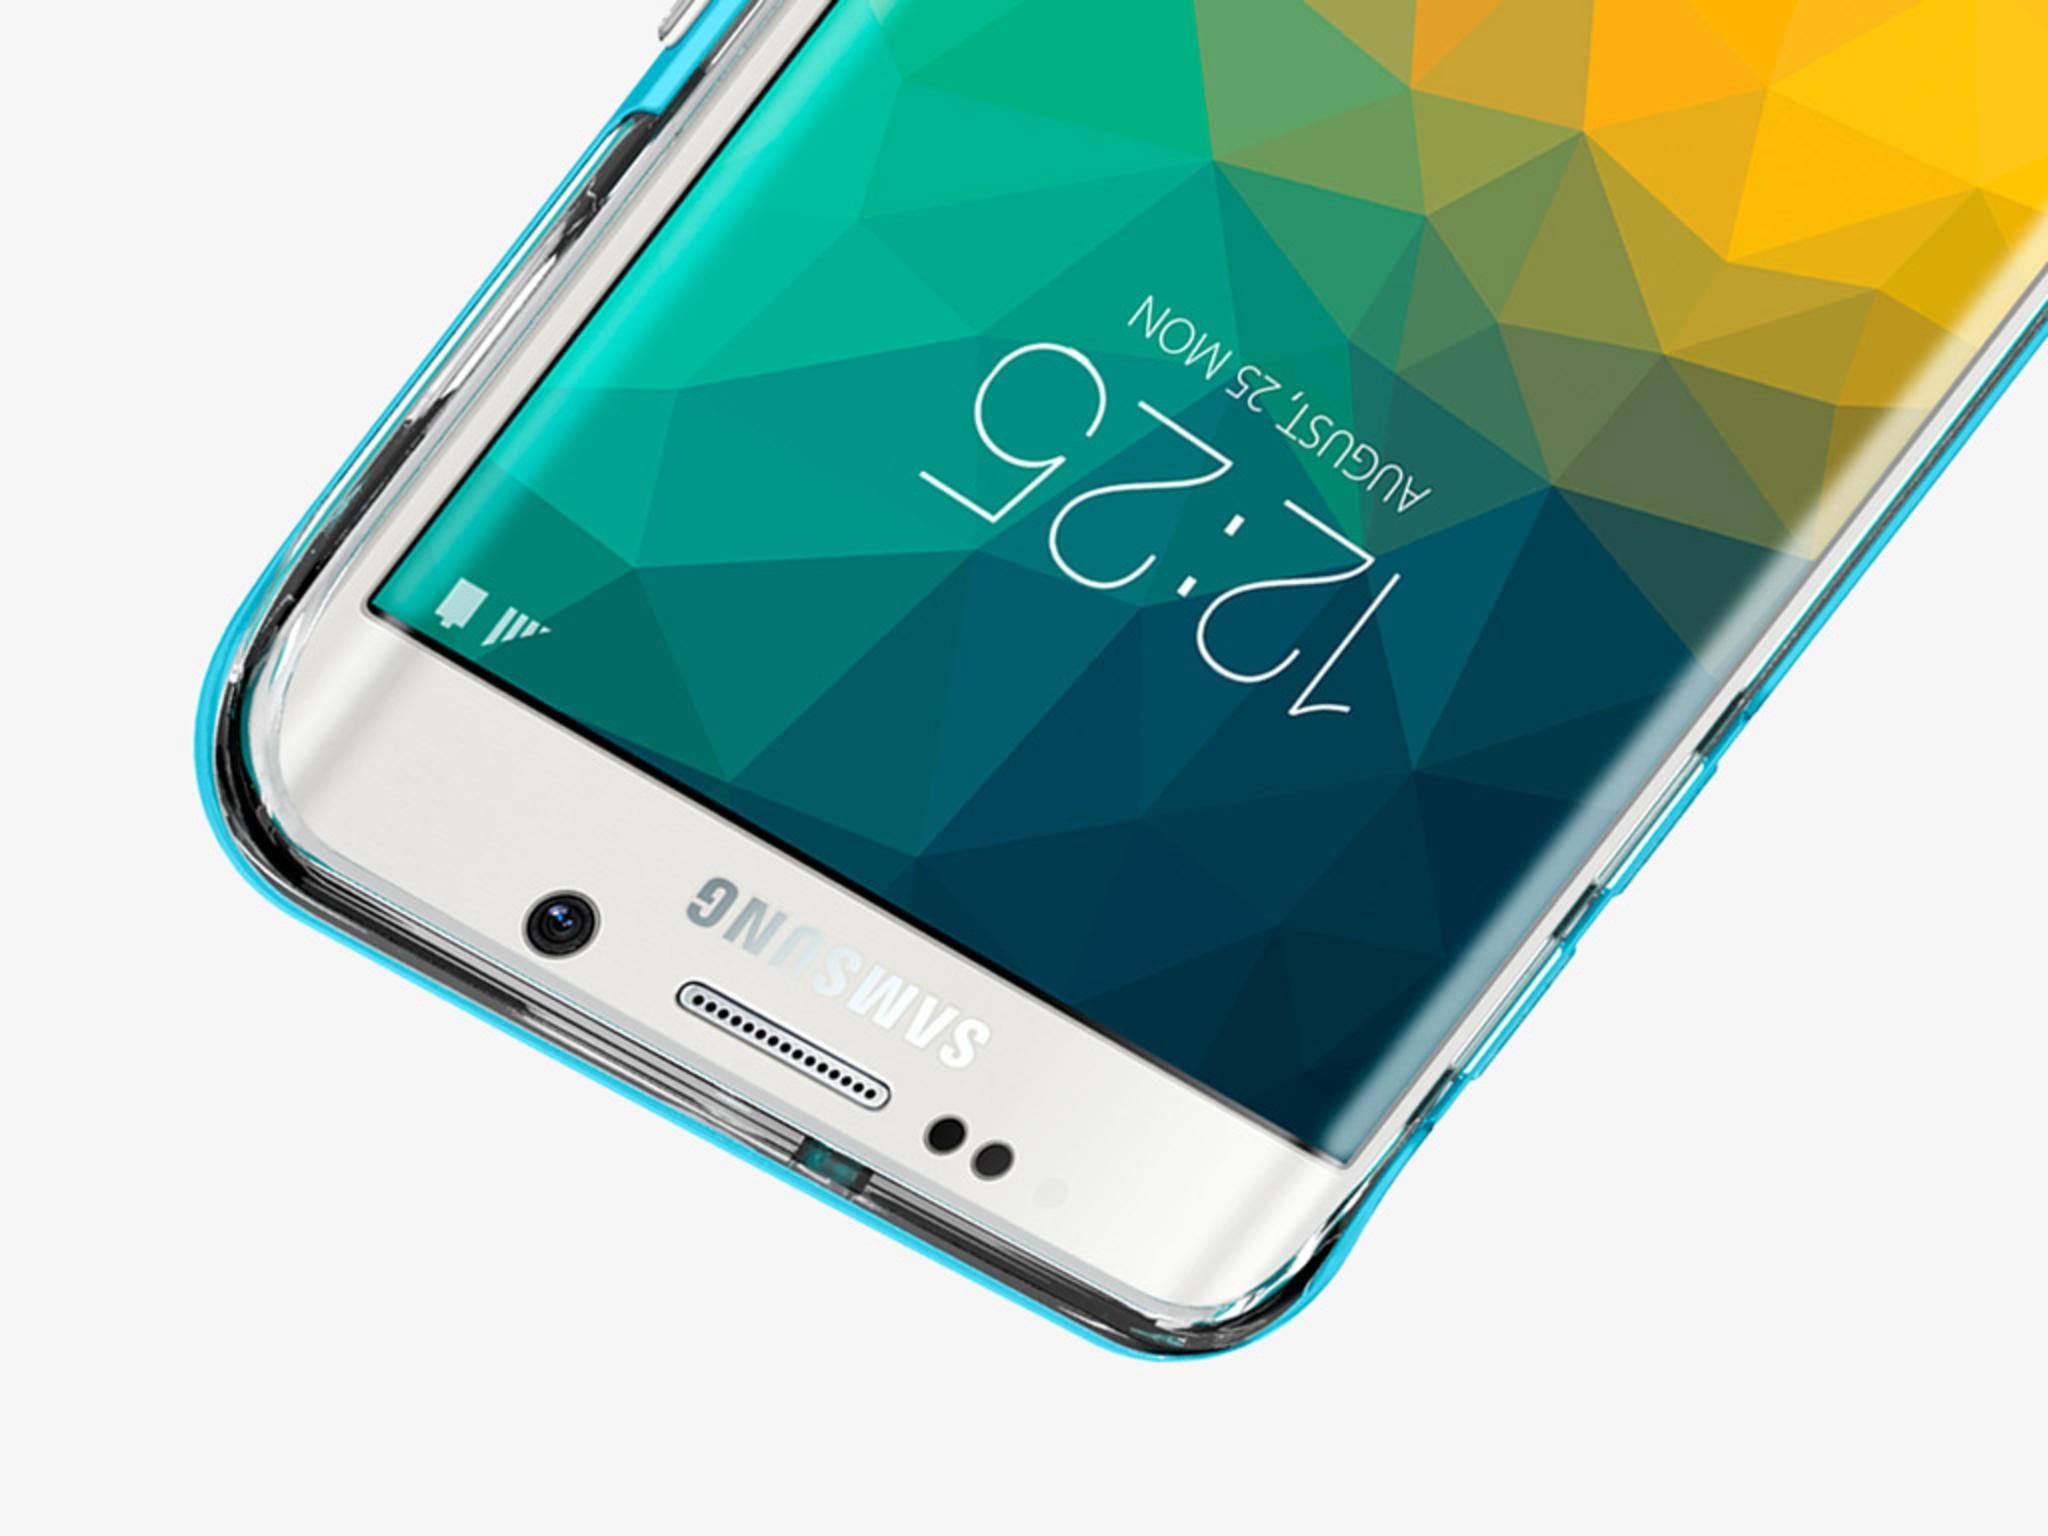 Das Galaxy S6 Edge+ wird eine Bildschirmdiagonale von 5,7 Zoll haben.